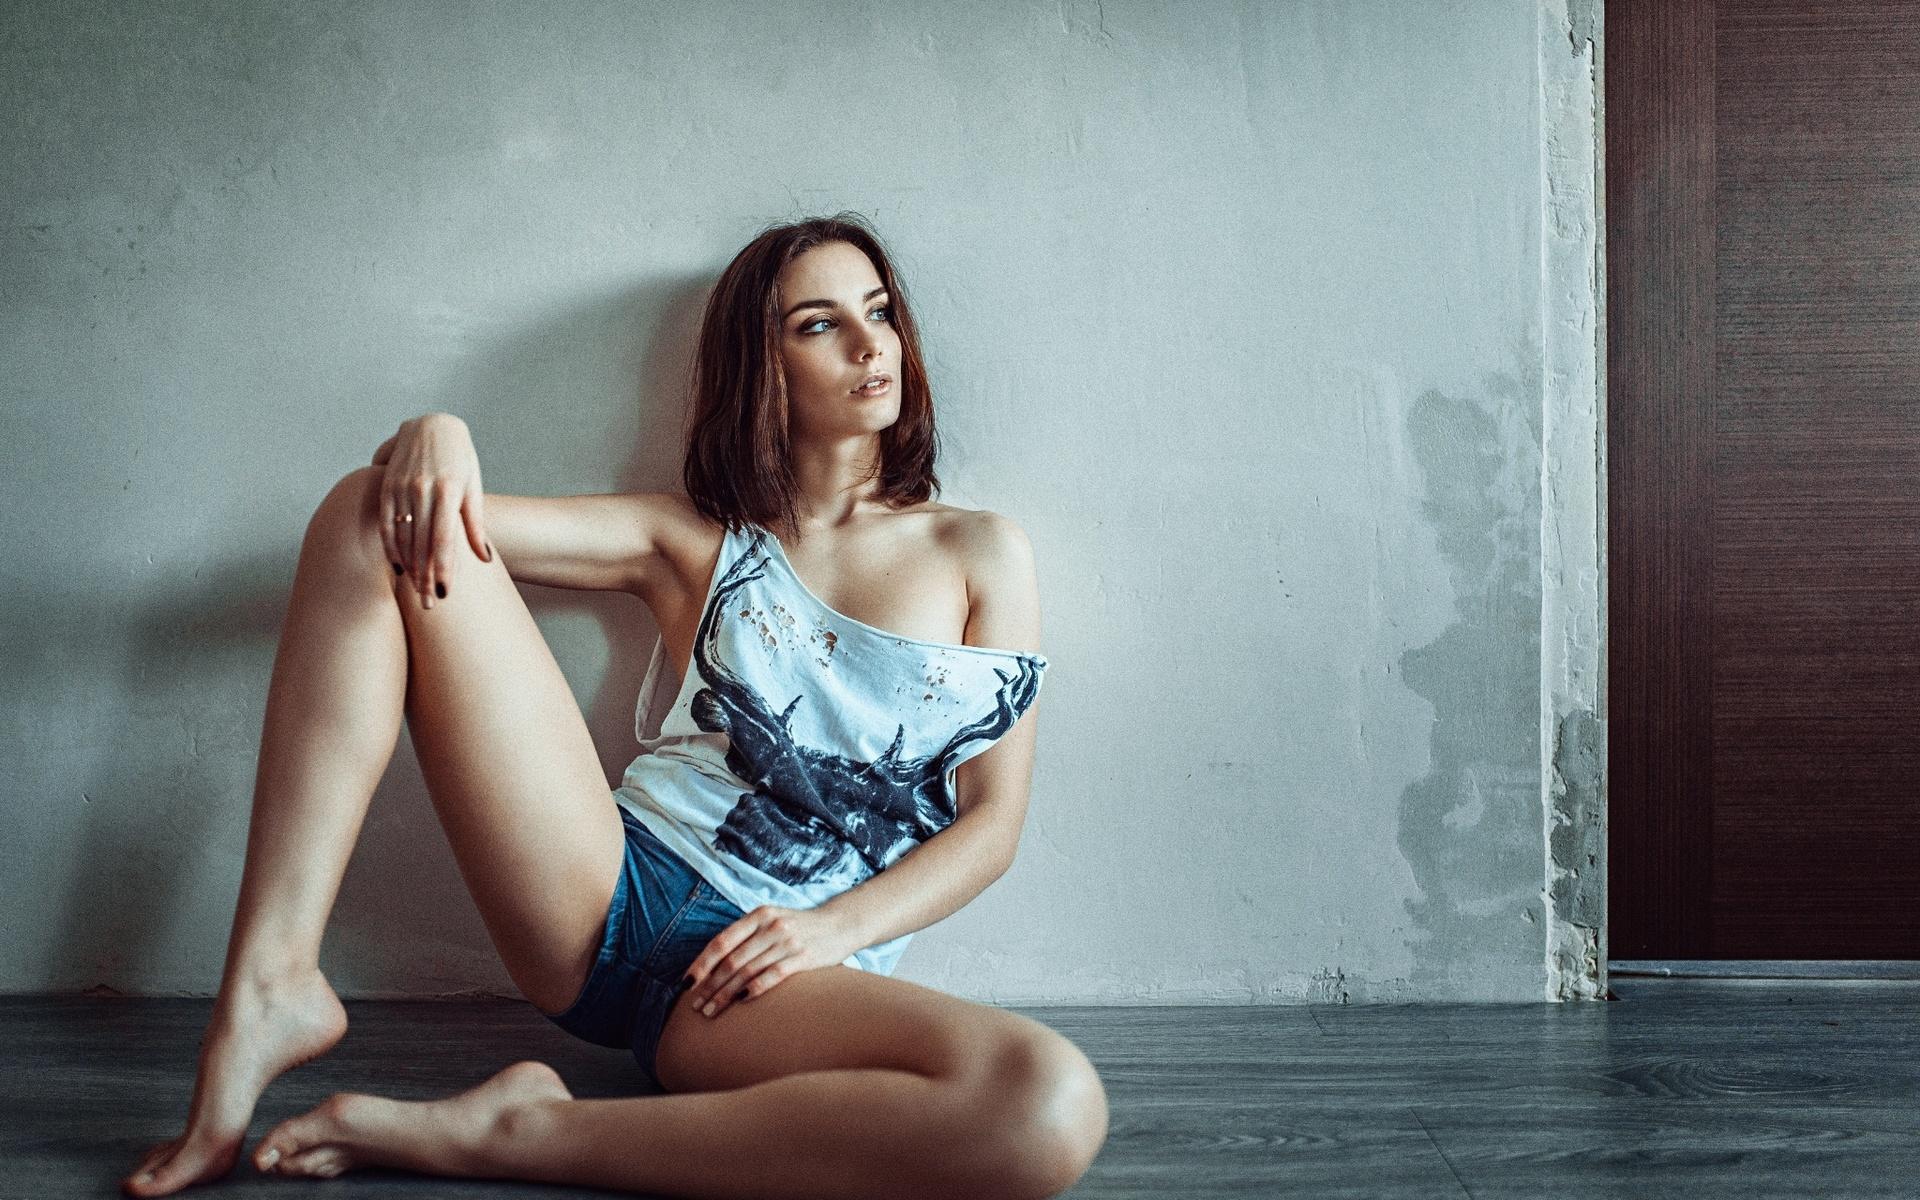 Девушки с раскрытыми ногами фото, секс онлайн с армянками